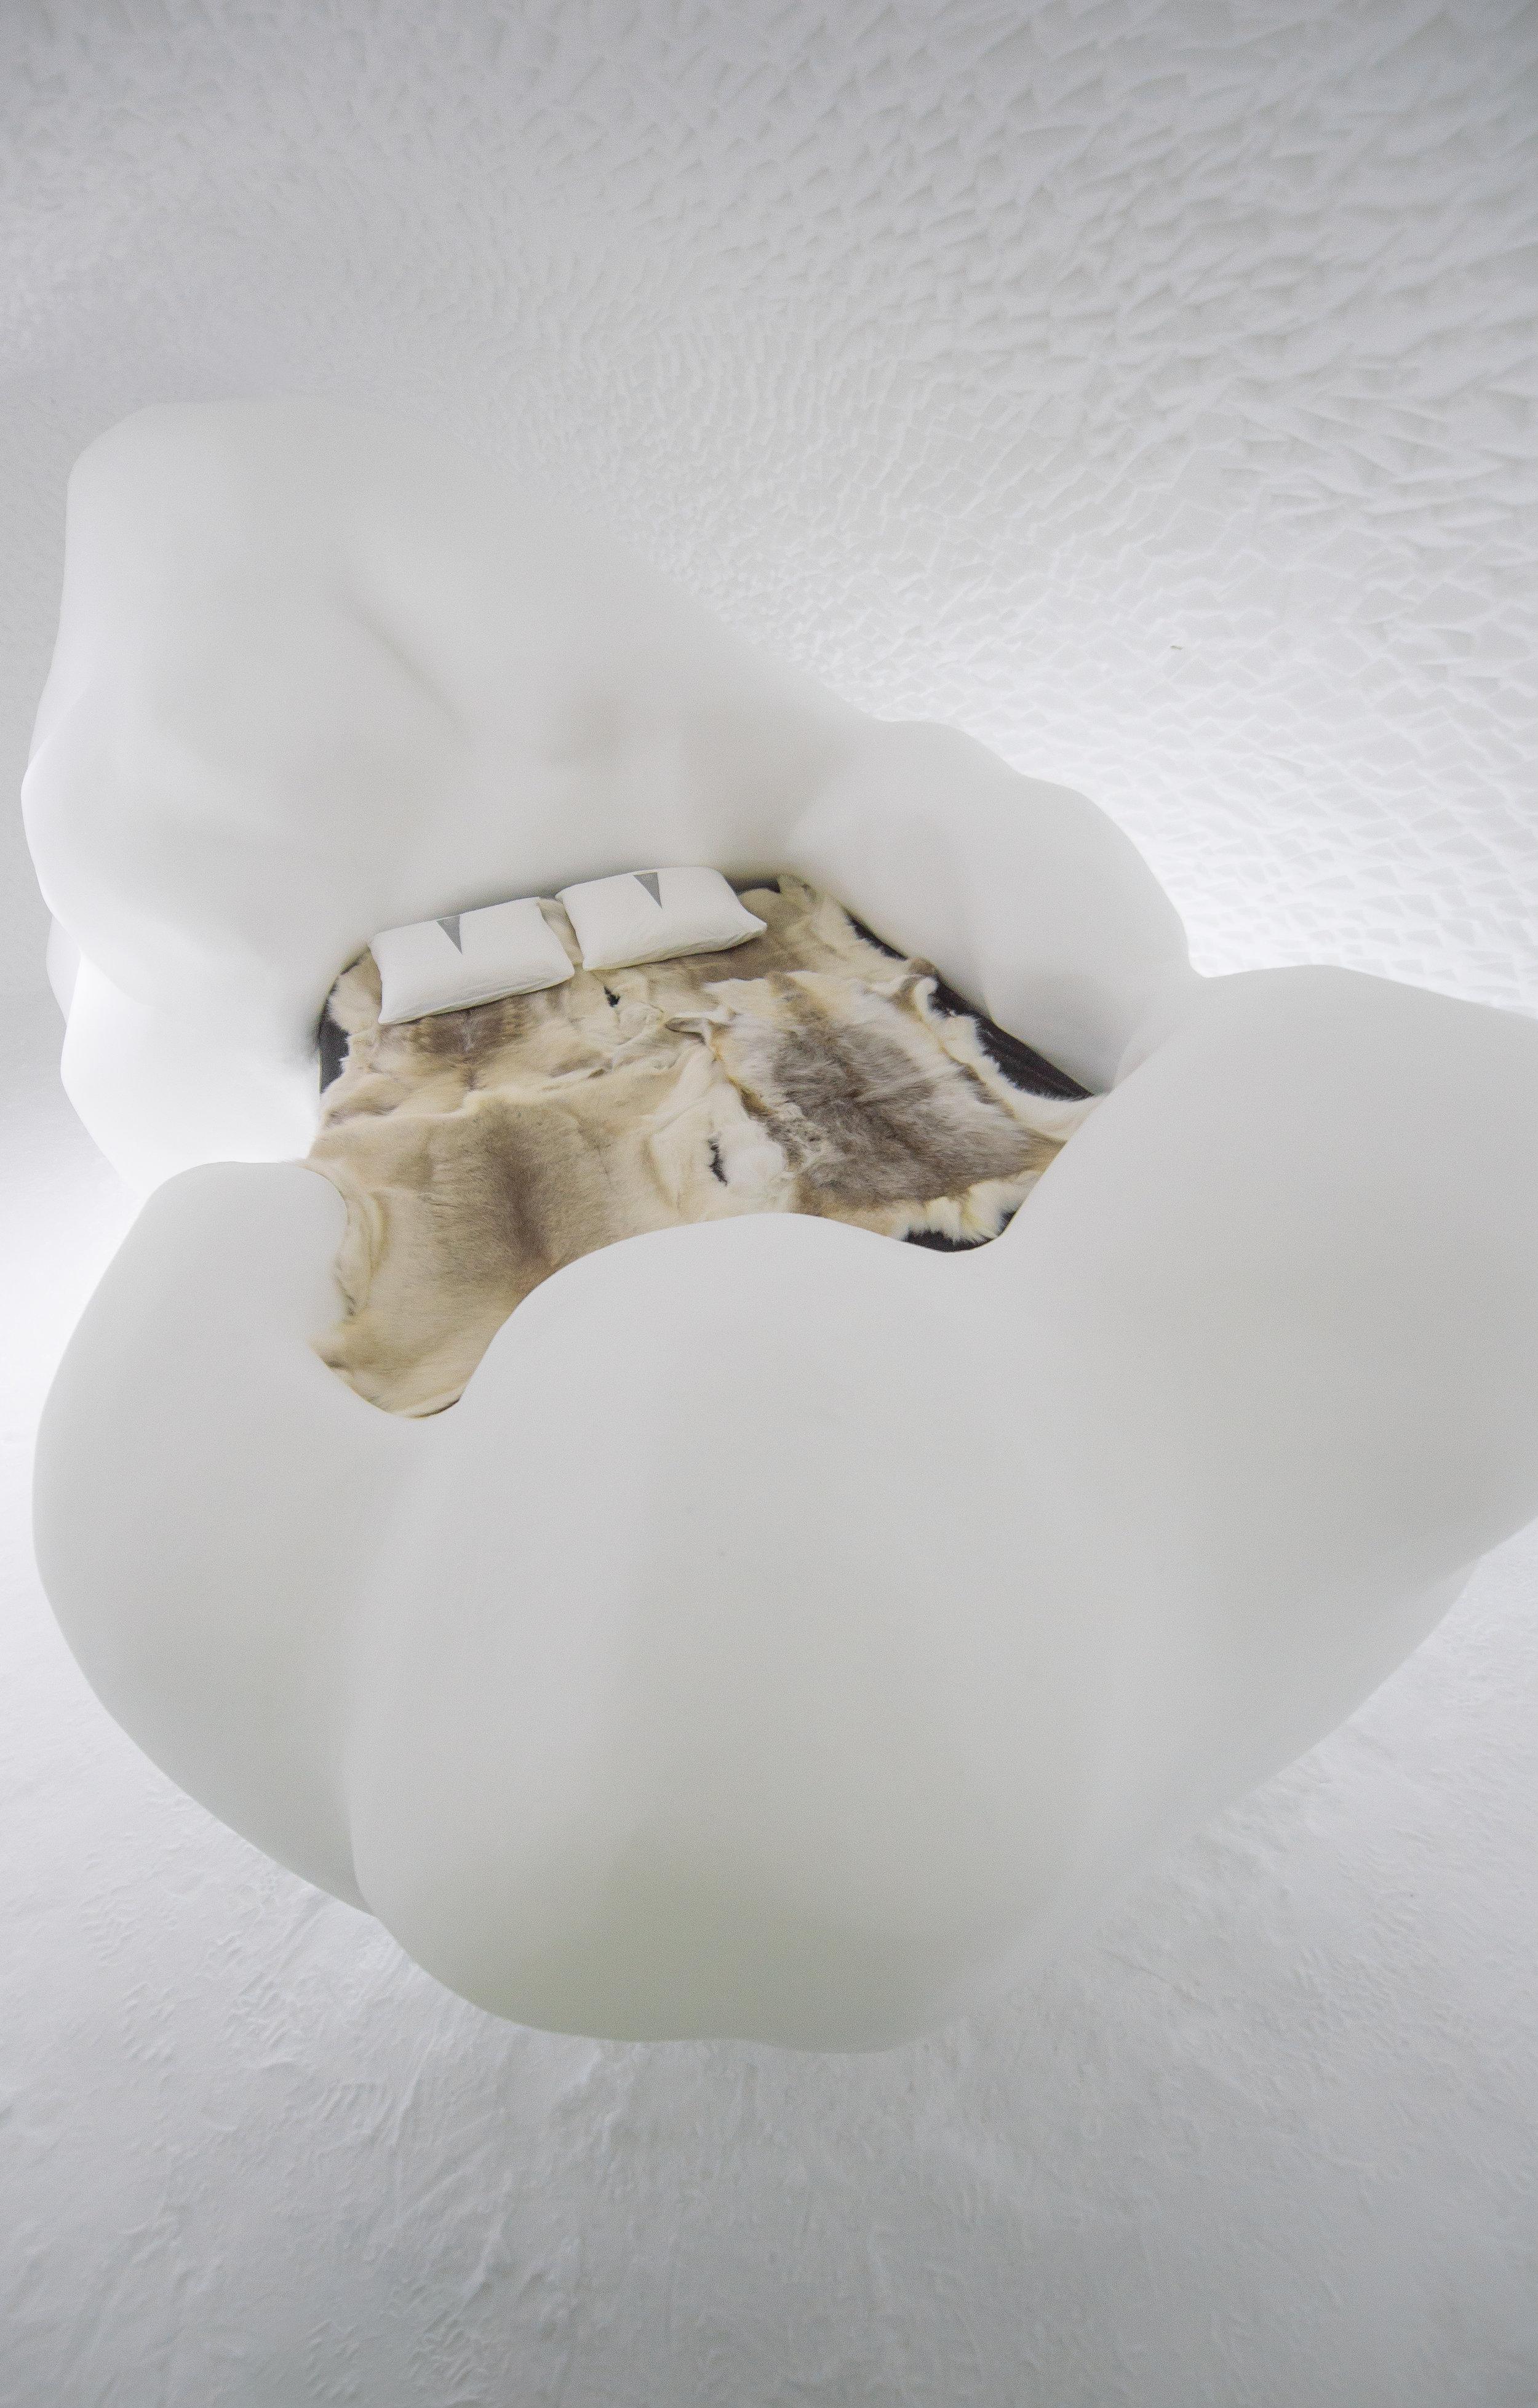 Art suite - Wandering Cloud-Lisa Lindqvist- ICEHOTEL 28  Photo by - Asaf Kliger.jpg